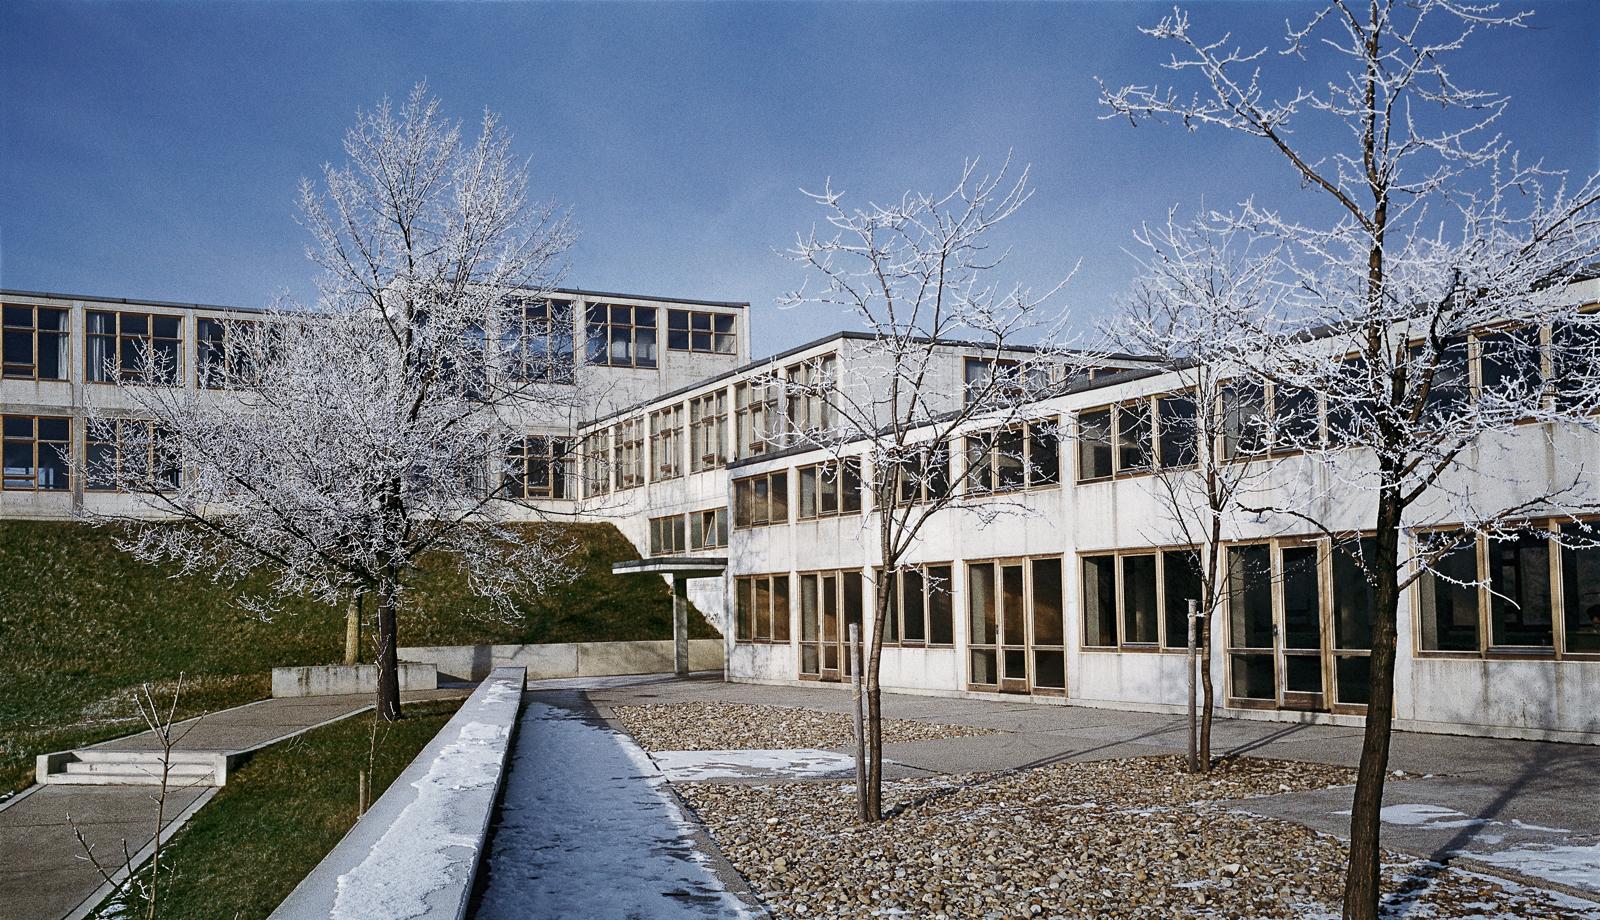 170522_Designgeschichte_ReneSpitz_HfGUlm_IngelheimerTagung_DesignPolitik